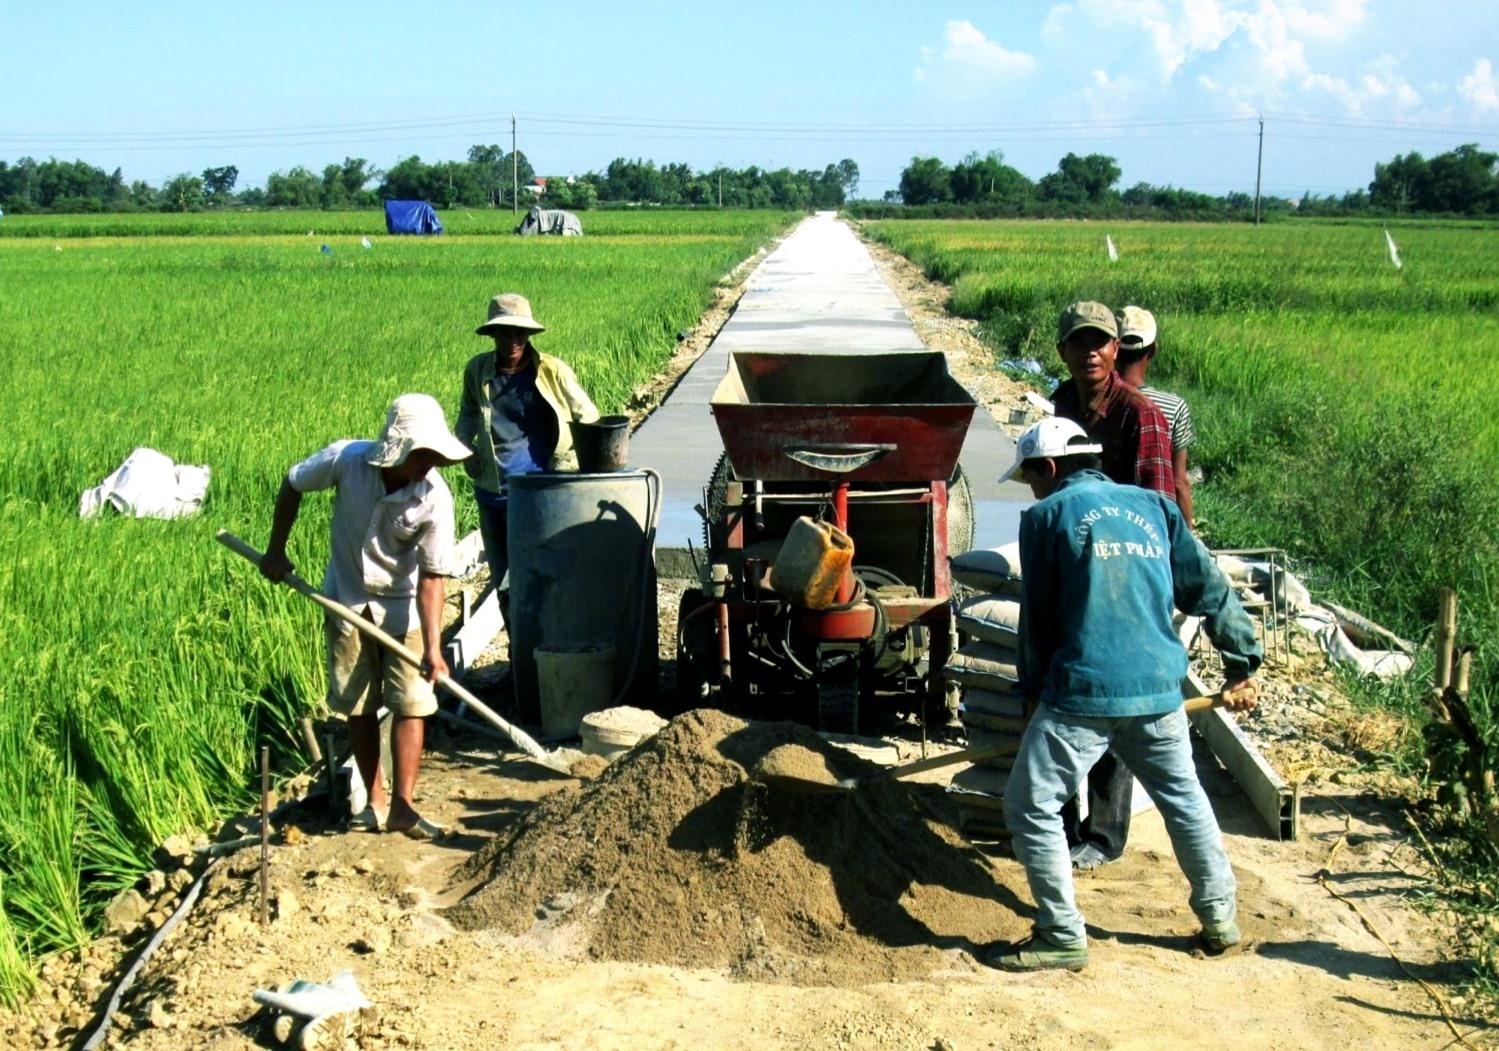 Thời gian tới, cần ưu tiên nguồn lực xây dựng kết cấu hạ tầng thiết yếu ở khu vực nông thôn để phục vụ sản xuất và đời sống dân sinh. Ảnh: VĂN SỰ